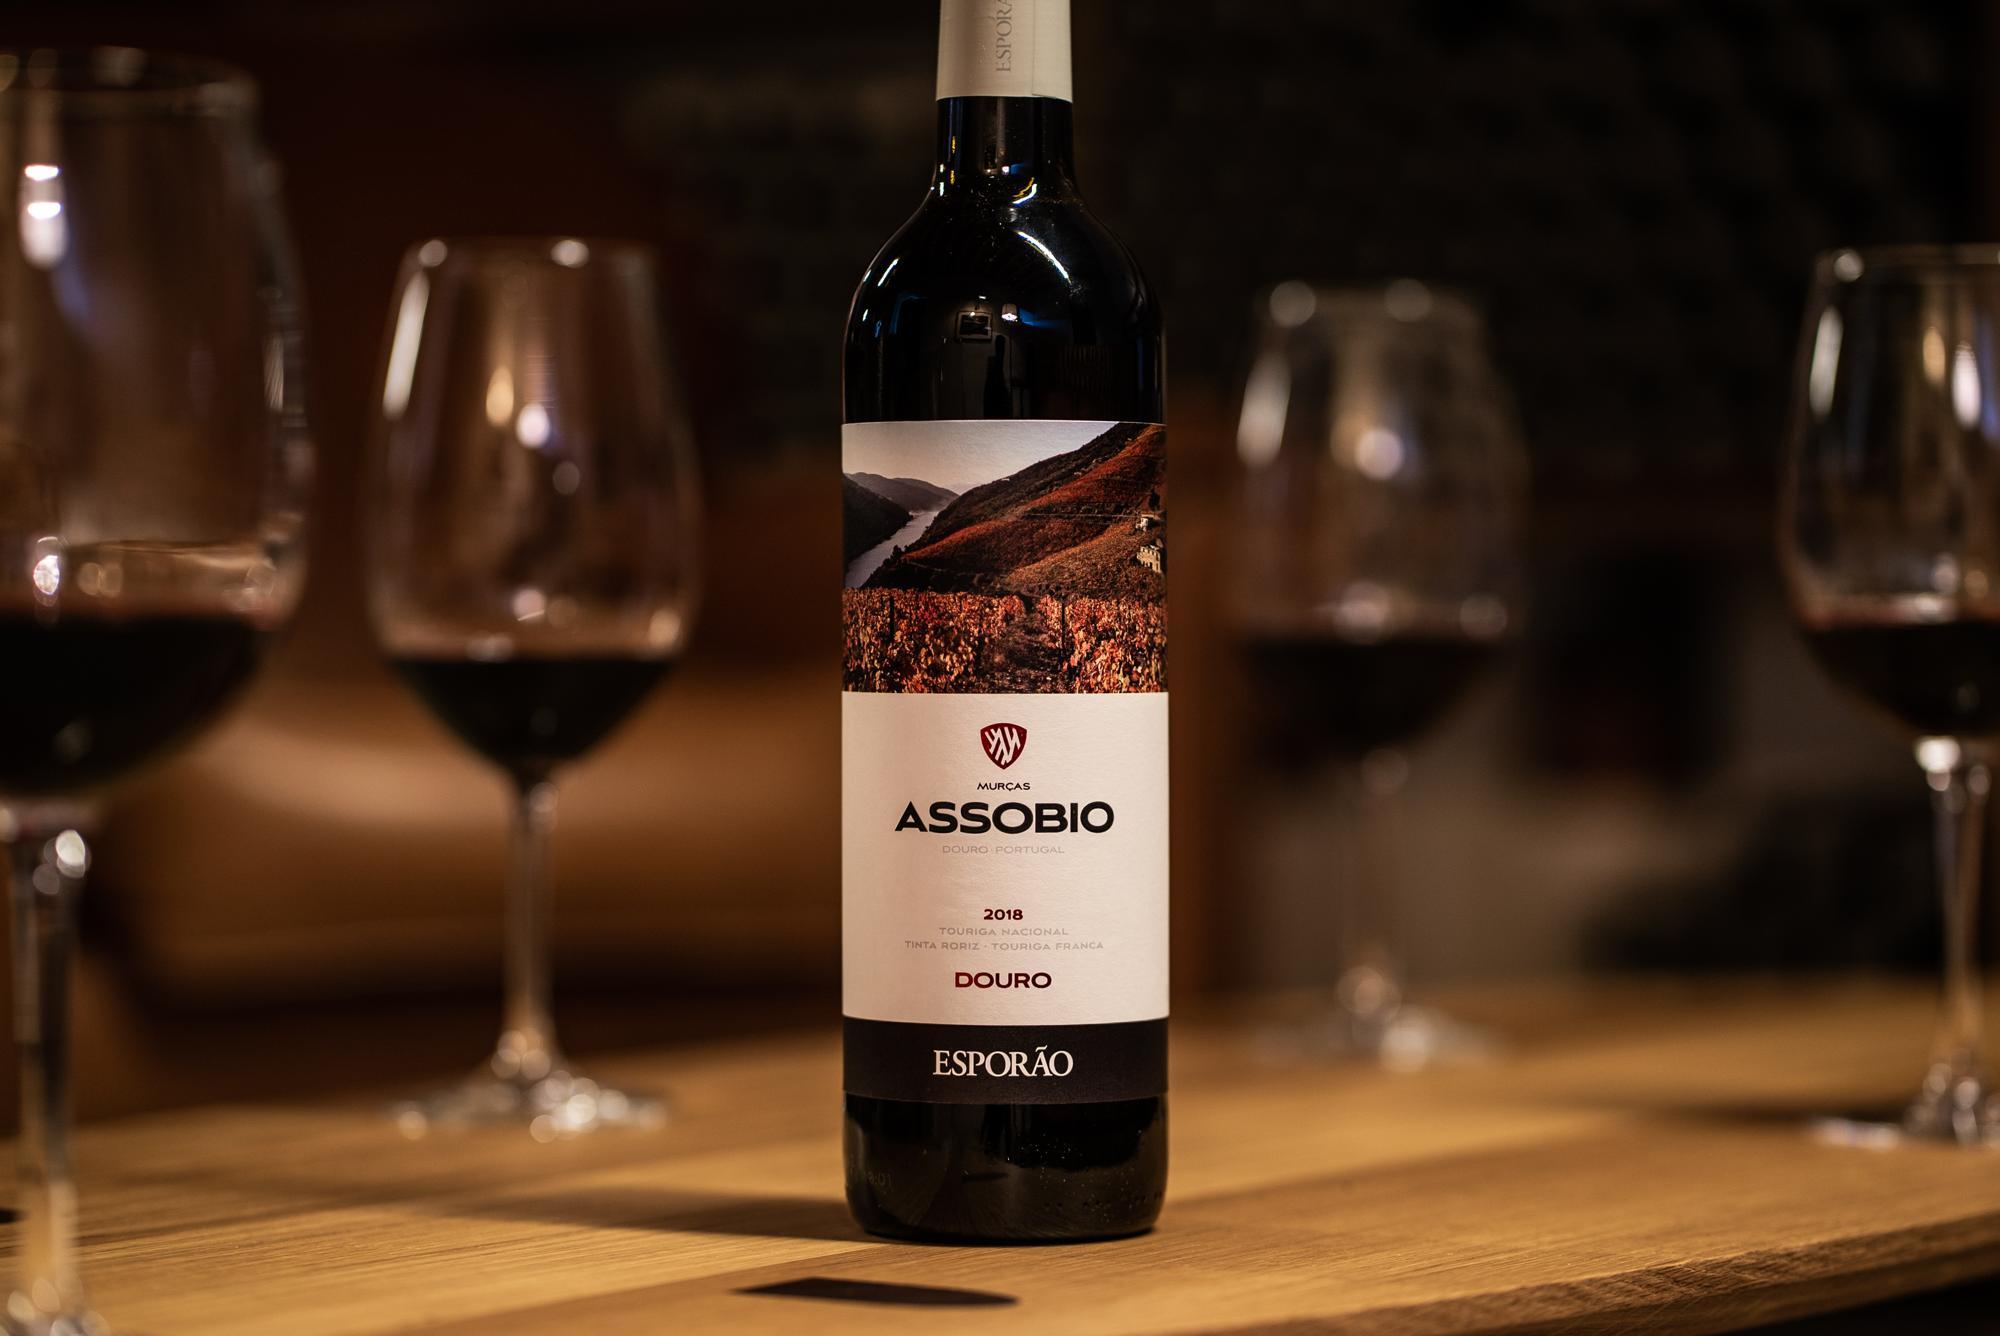 Um vinho fresco, aromático e elegante